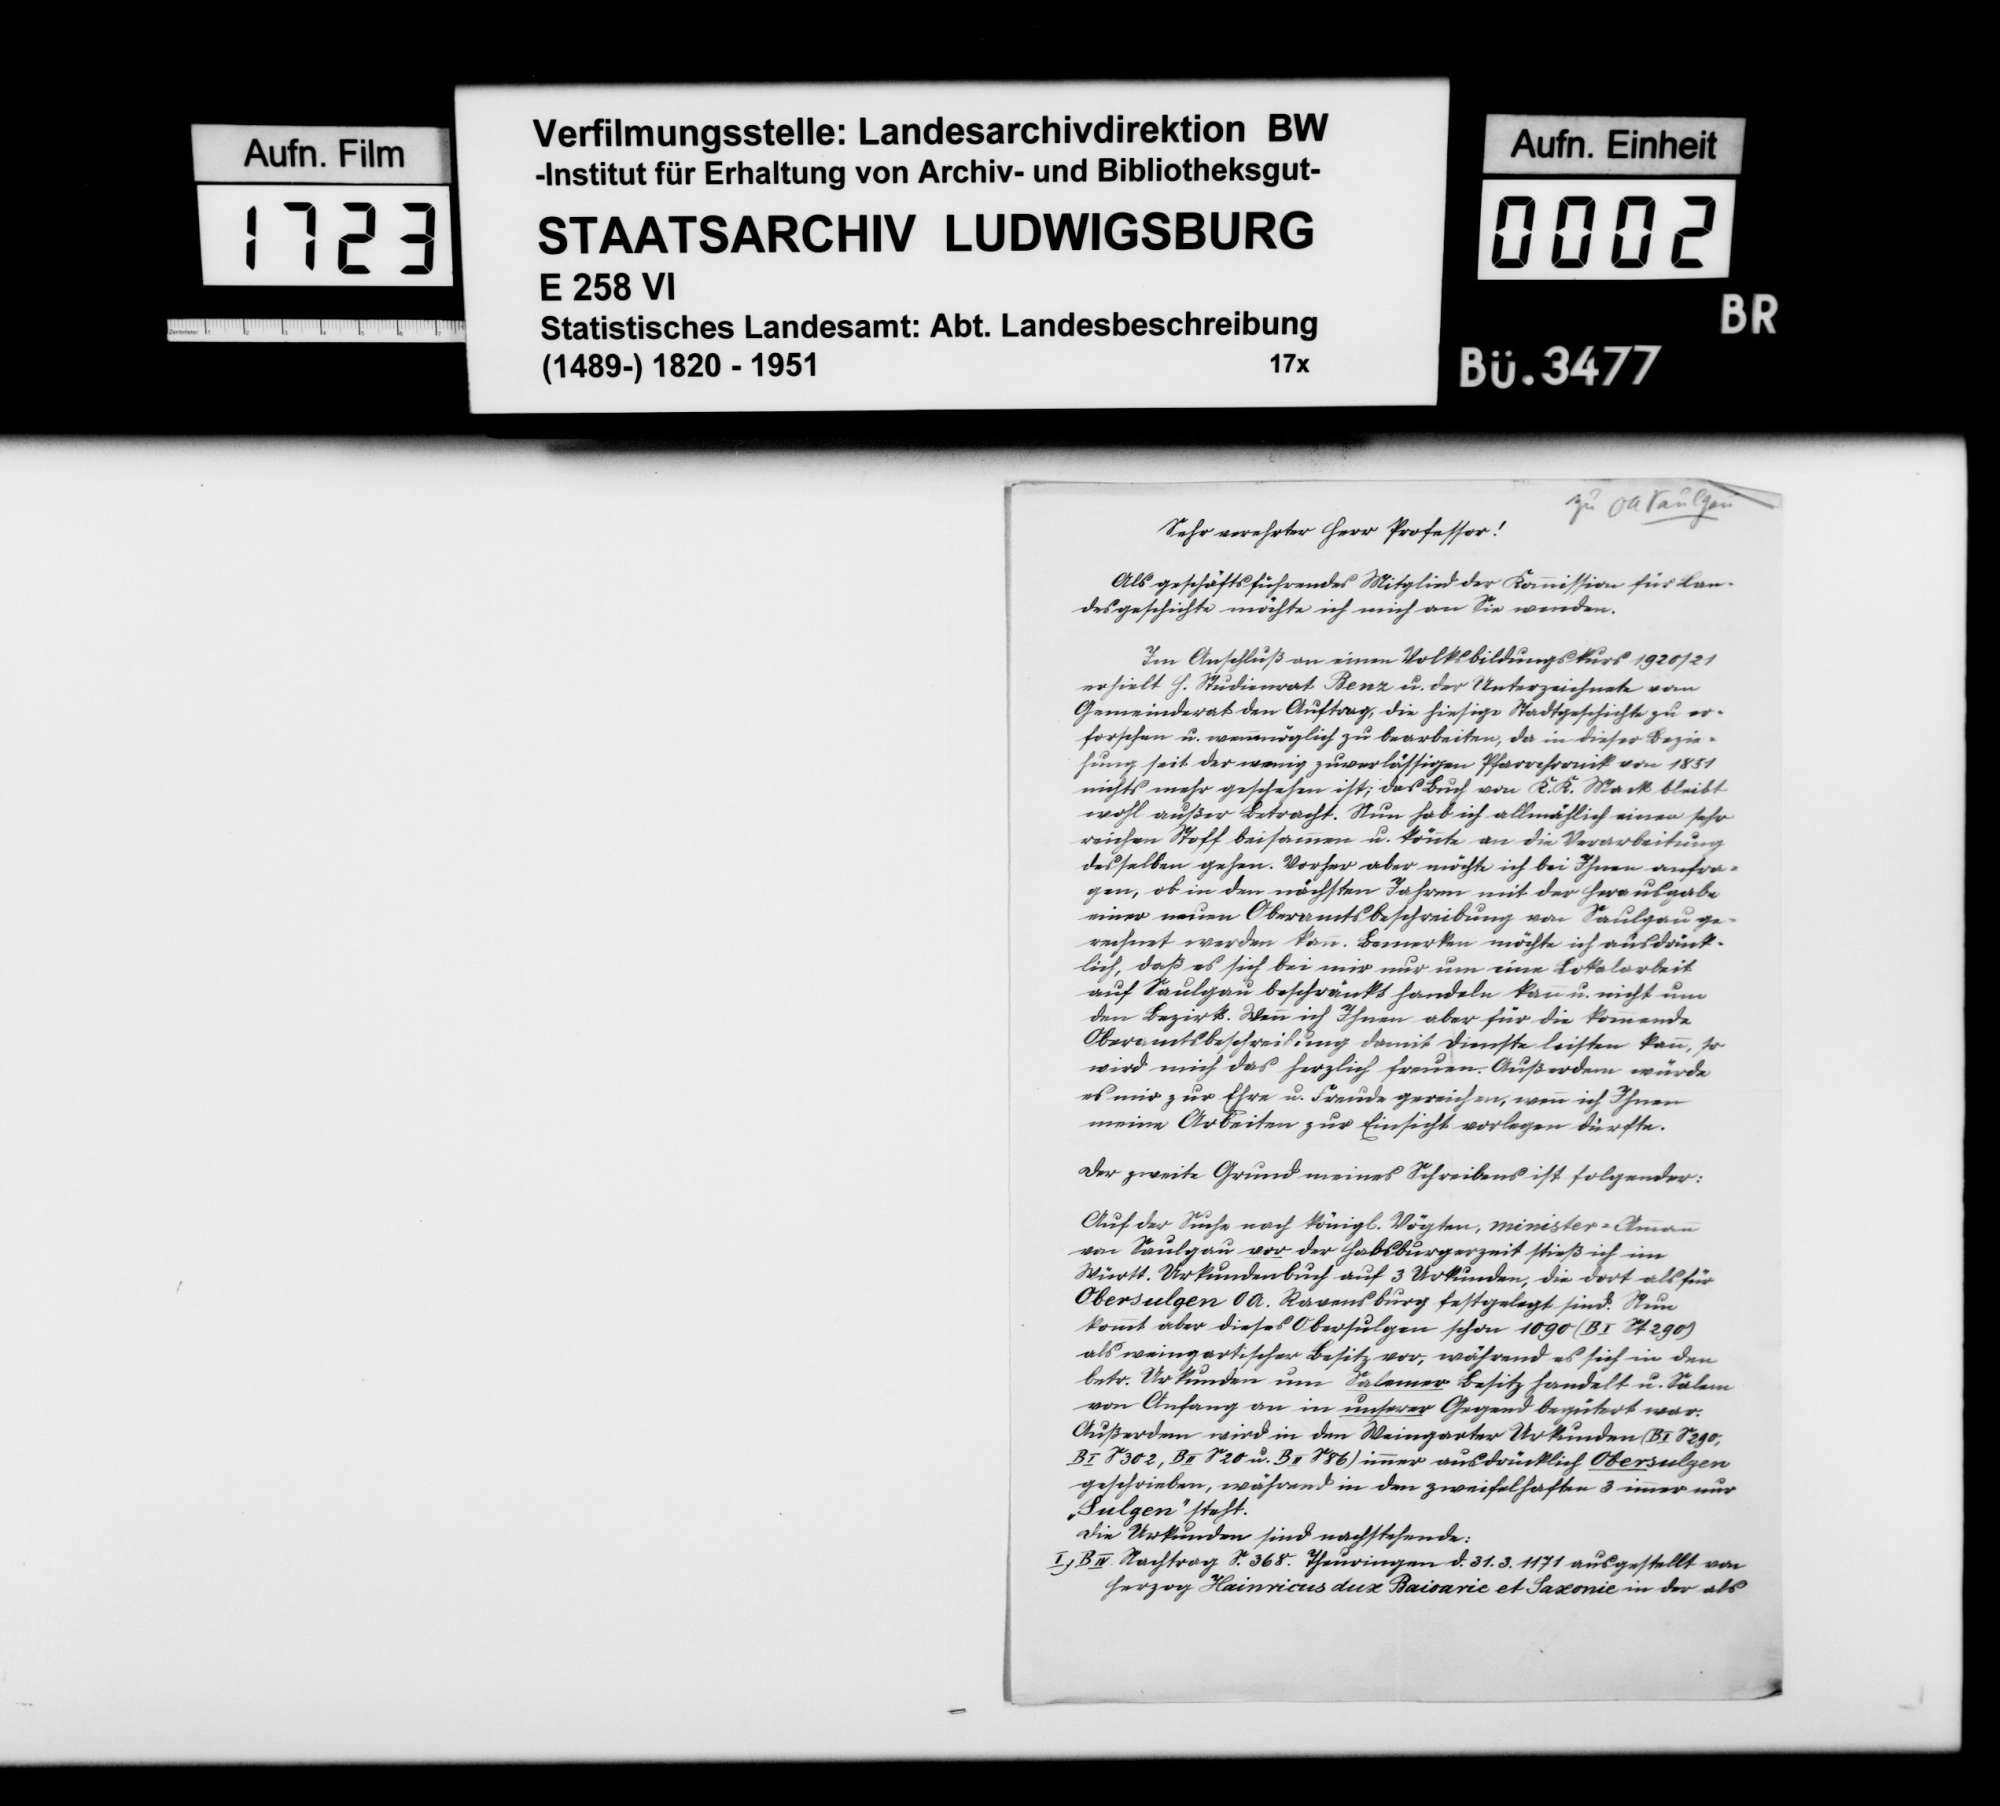 Vornehmlich historisches Material zur Neubearbeitung der OAB, Bild 1